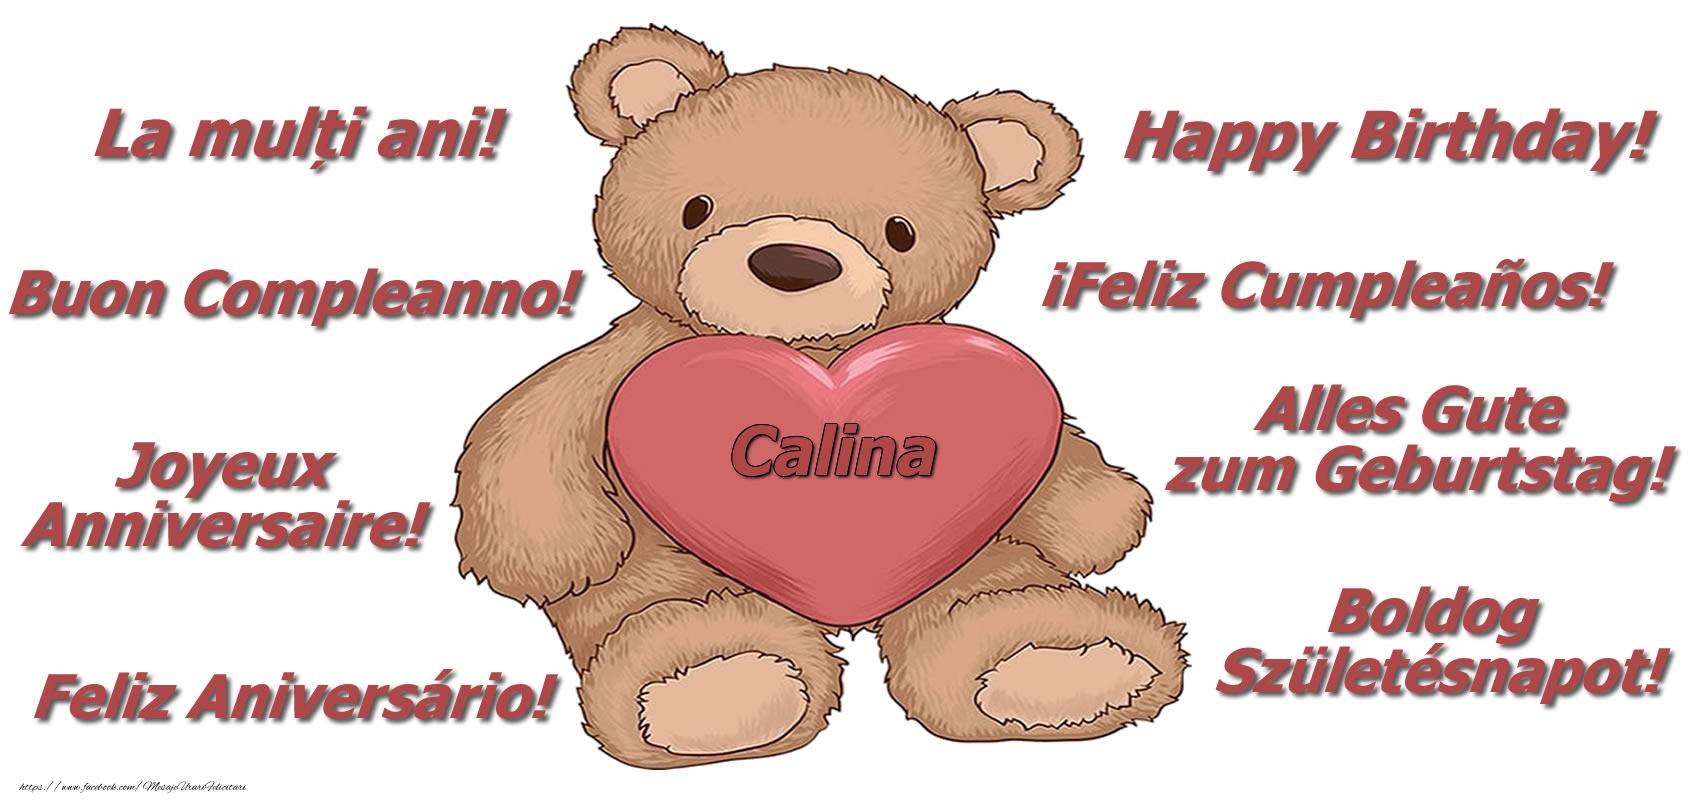 Felicitari de zi de nastere - La multi ani Calina! - Ursulet